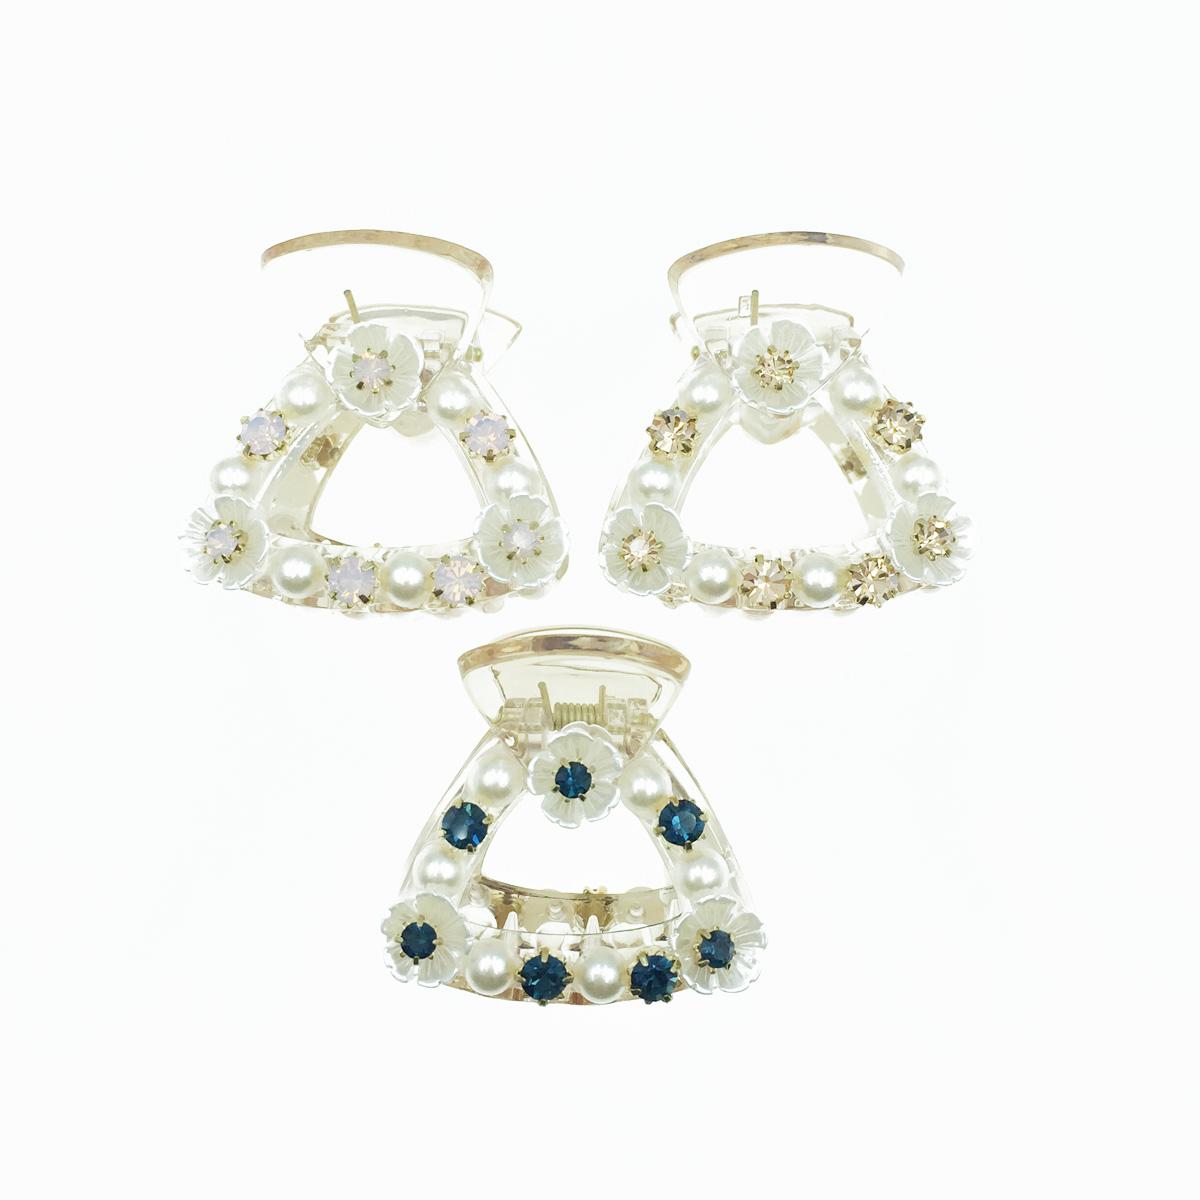 韓國 簍空 三角形 花 水鑽 珍珠 透明感 3色 髮飾 爪夾 髮夾